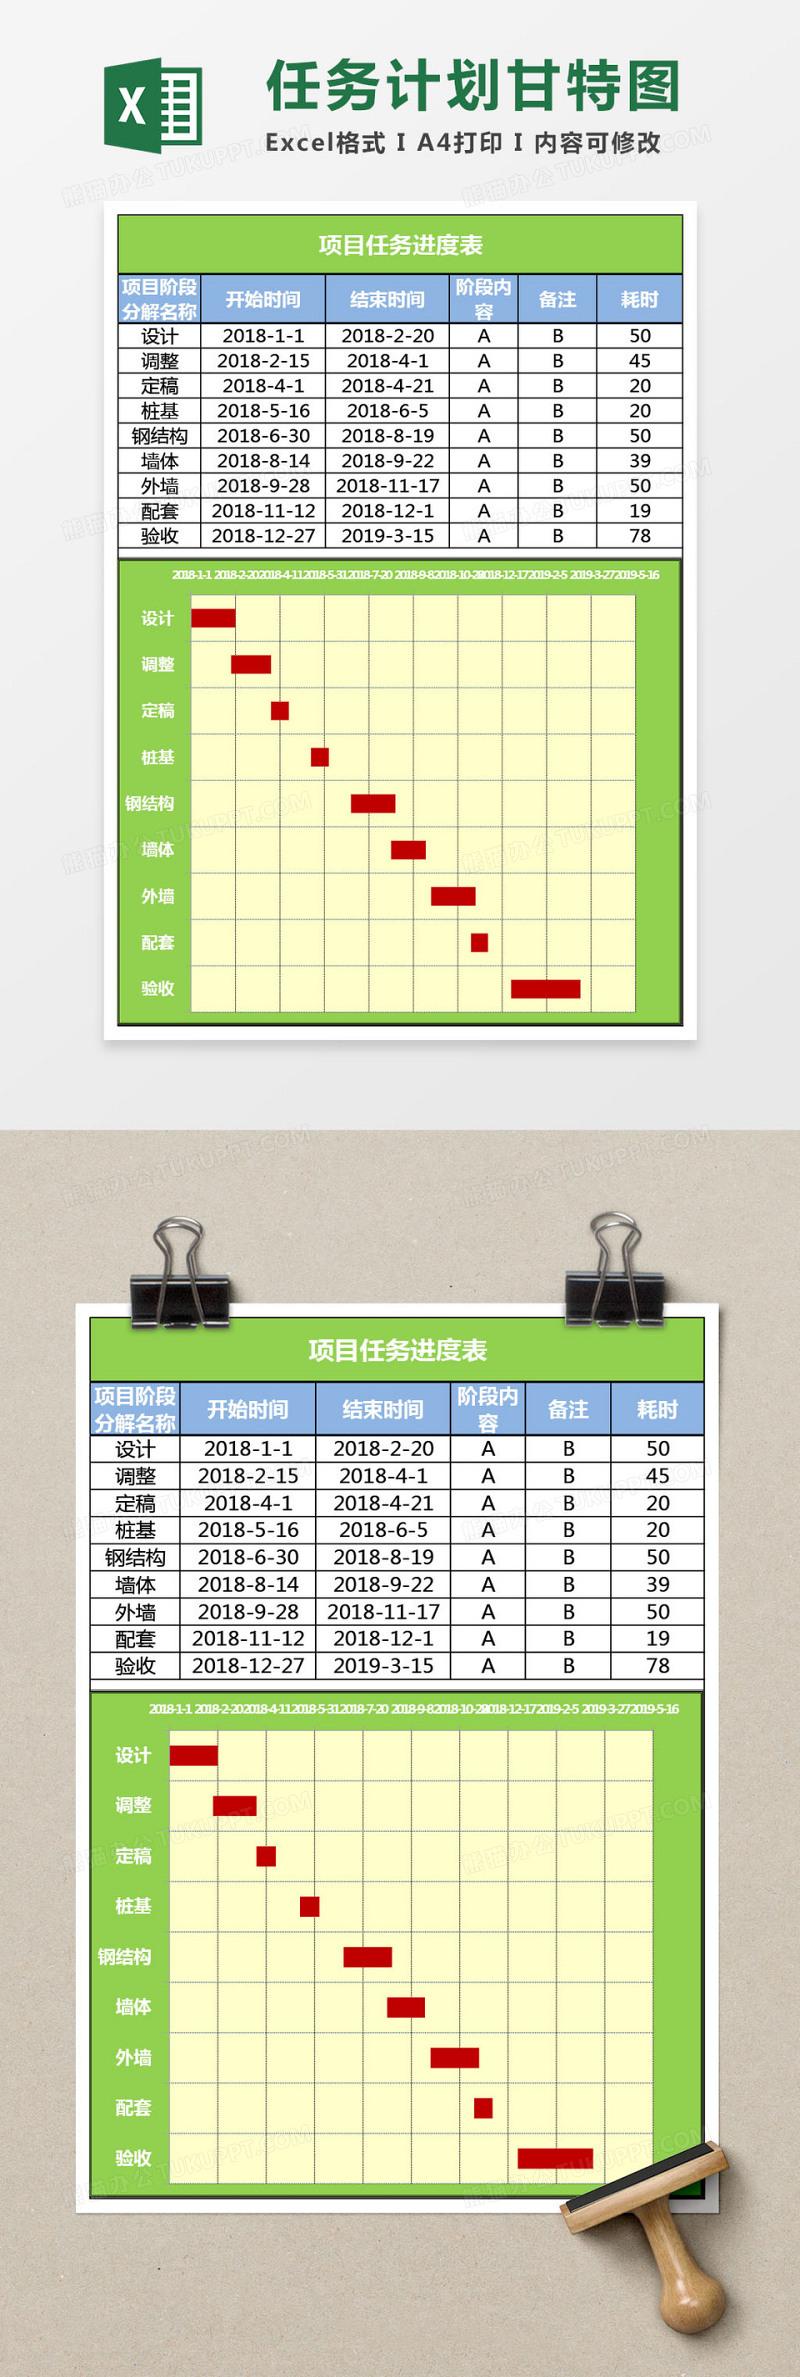 公司员工培训计划表_简约项目任务计划甘特图excel表模板_Excel表格 【工图网】